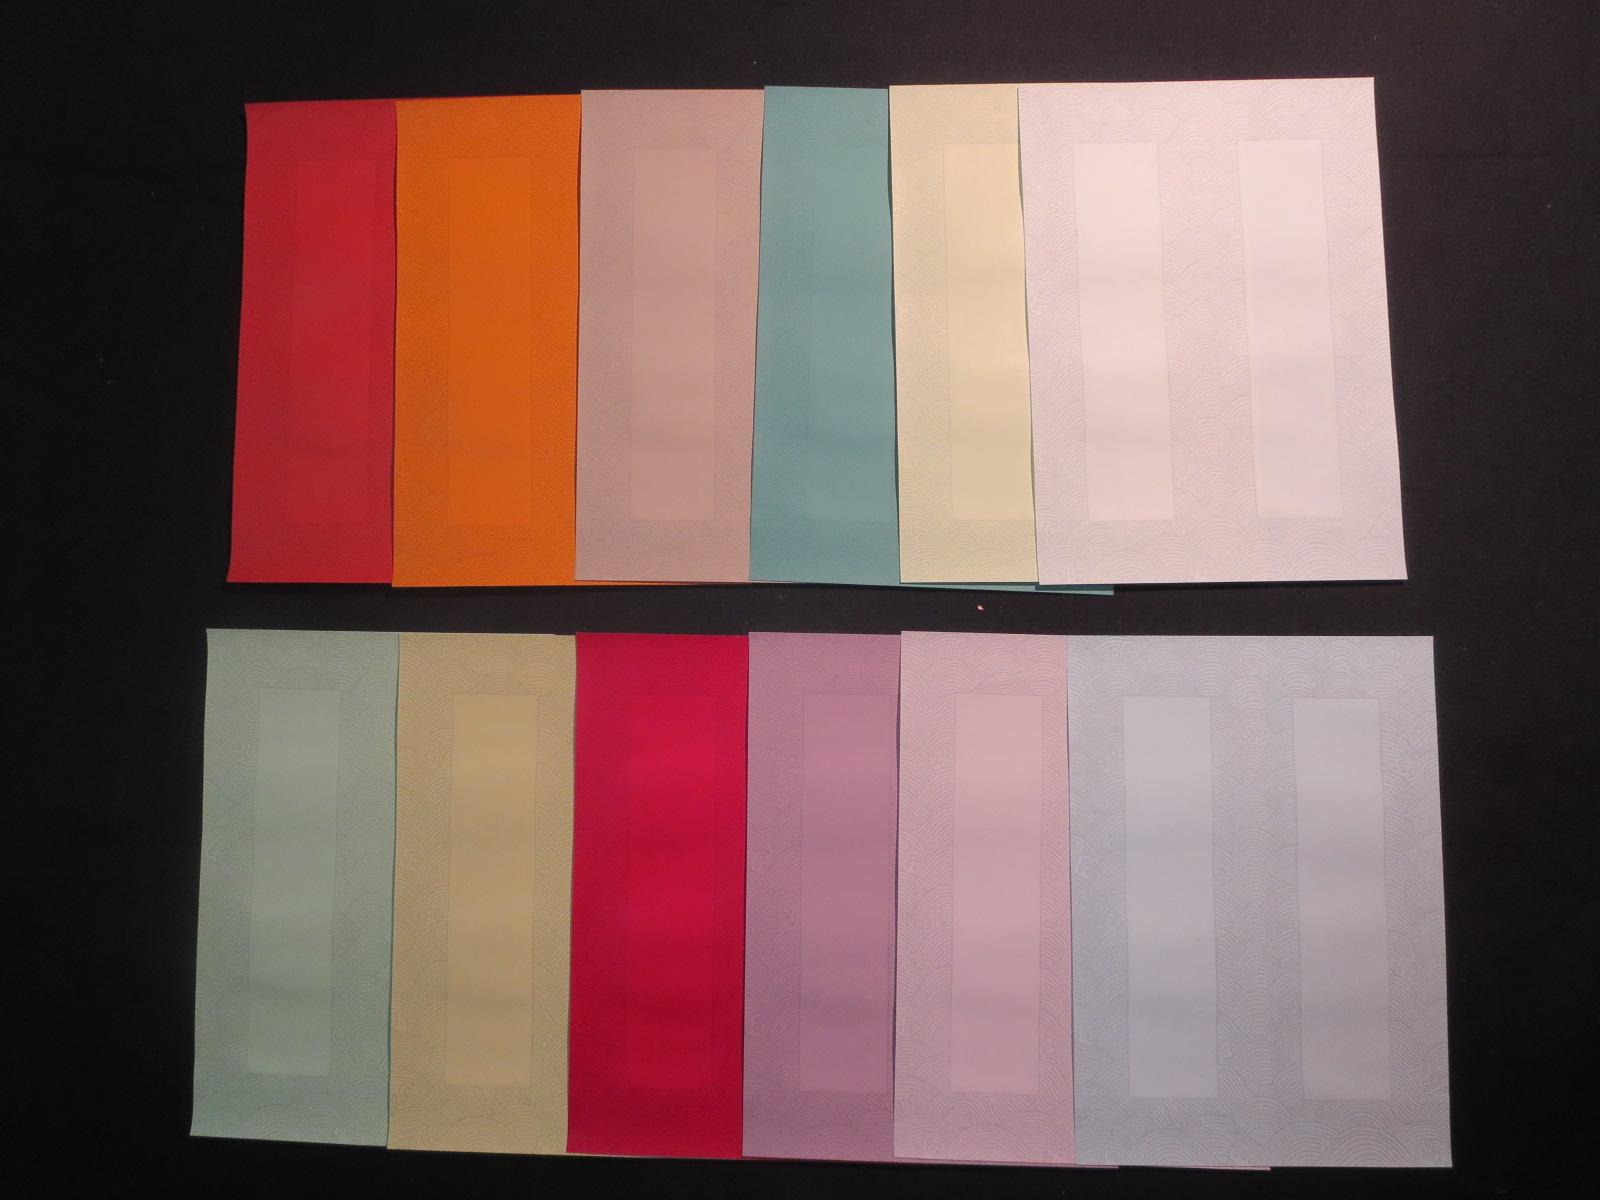 Высококачественный Бумажные изделия: Поезд Rong Baozhai принт Двойной порошковый воск 笺 12 цветов 12 страниц(14.4X20.4)